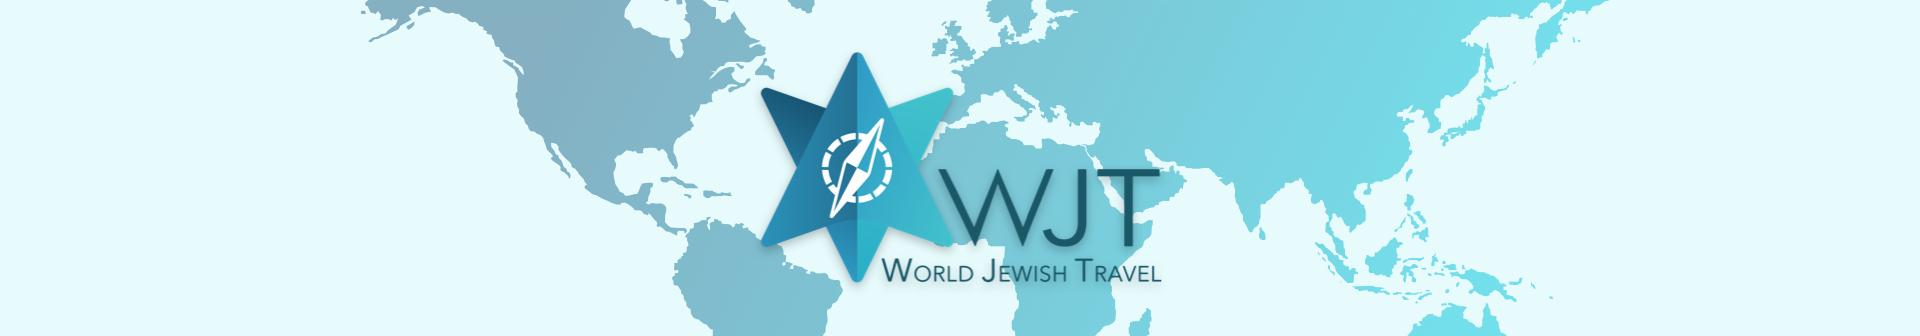 Wjt banner